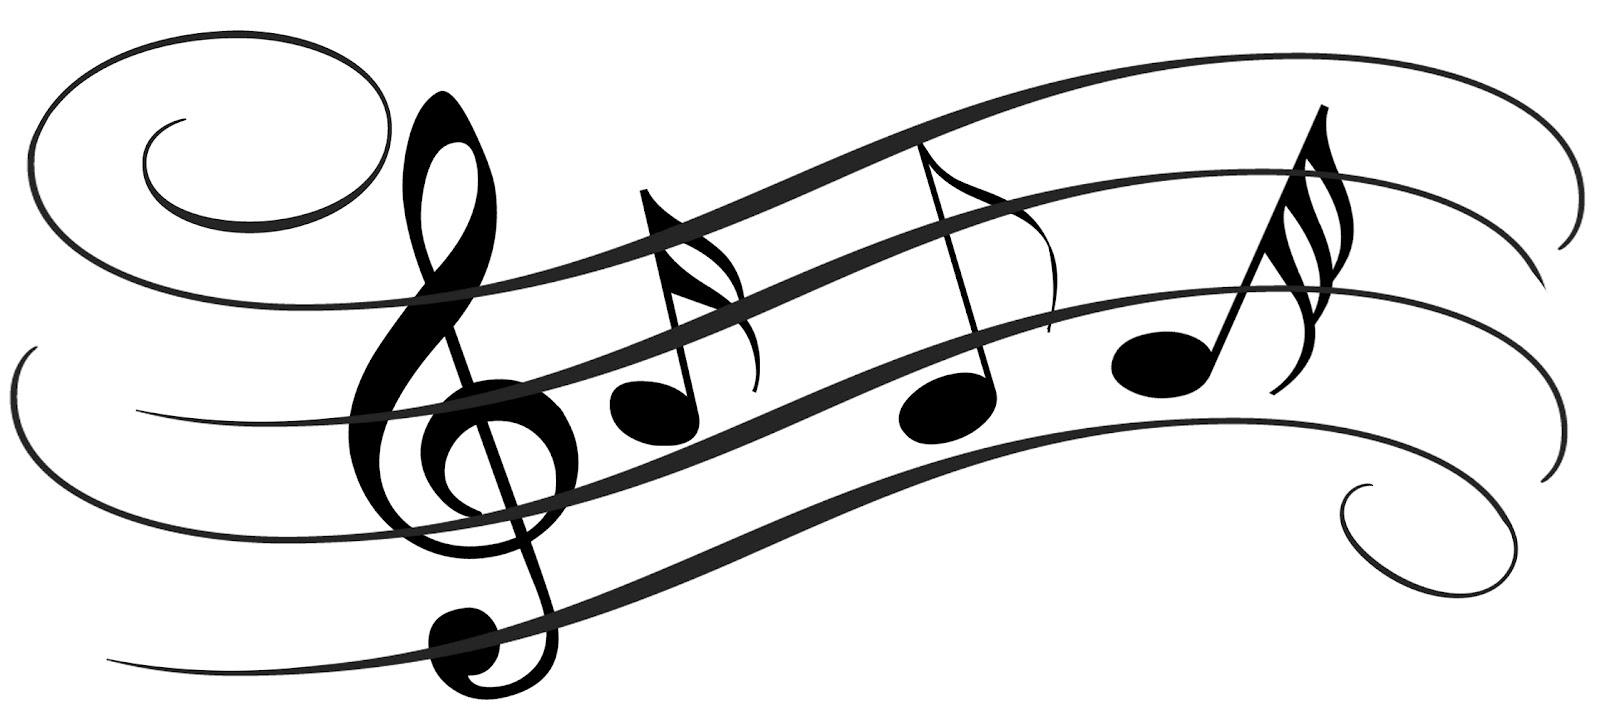 music symbol silhouette at getdrawings com free for personal use rh getdrawings com free music note clipart images free music note clip art images